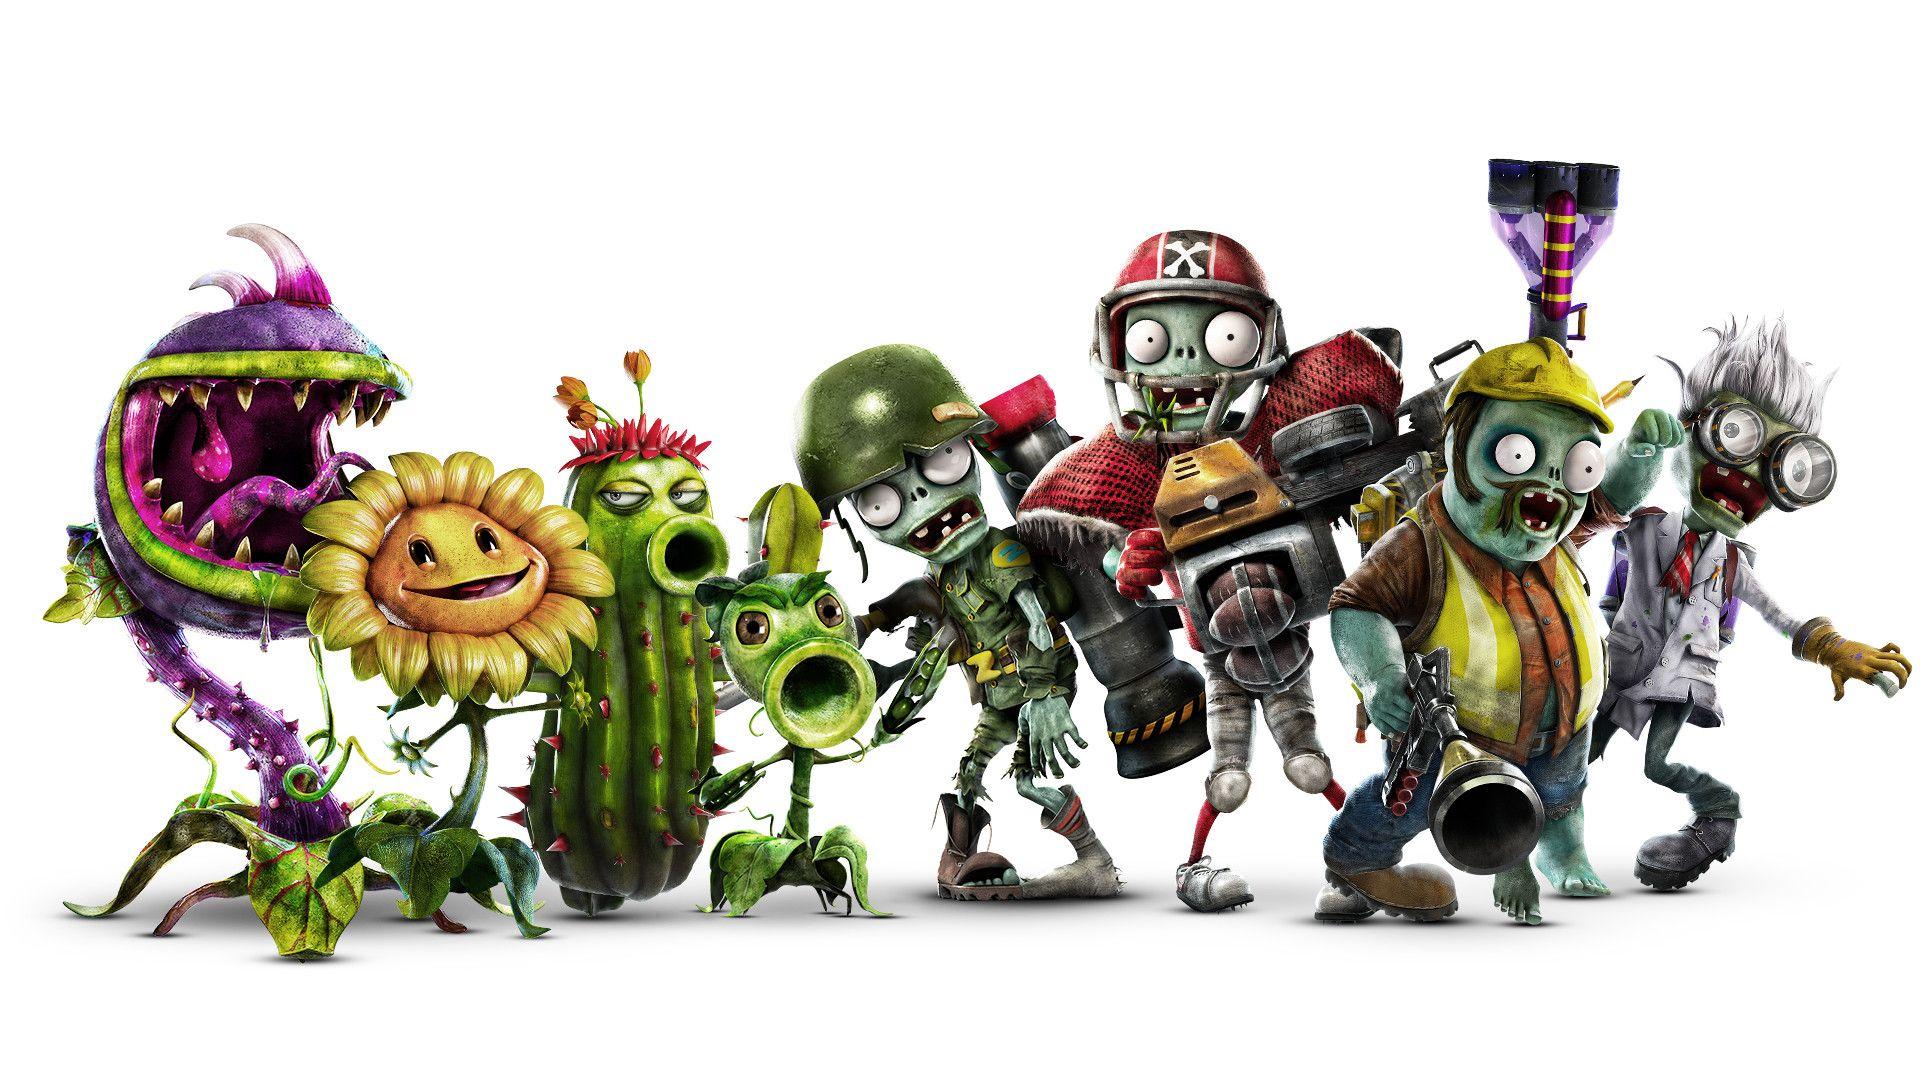 Juega a Plants Vs Zombies Garden Warfare 2 completamente gratis durante diez horas